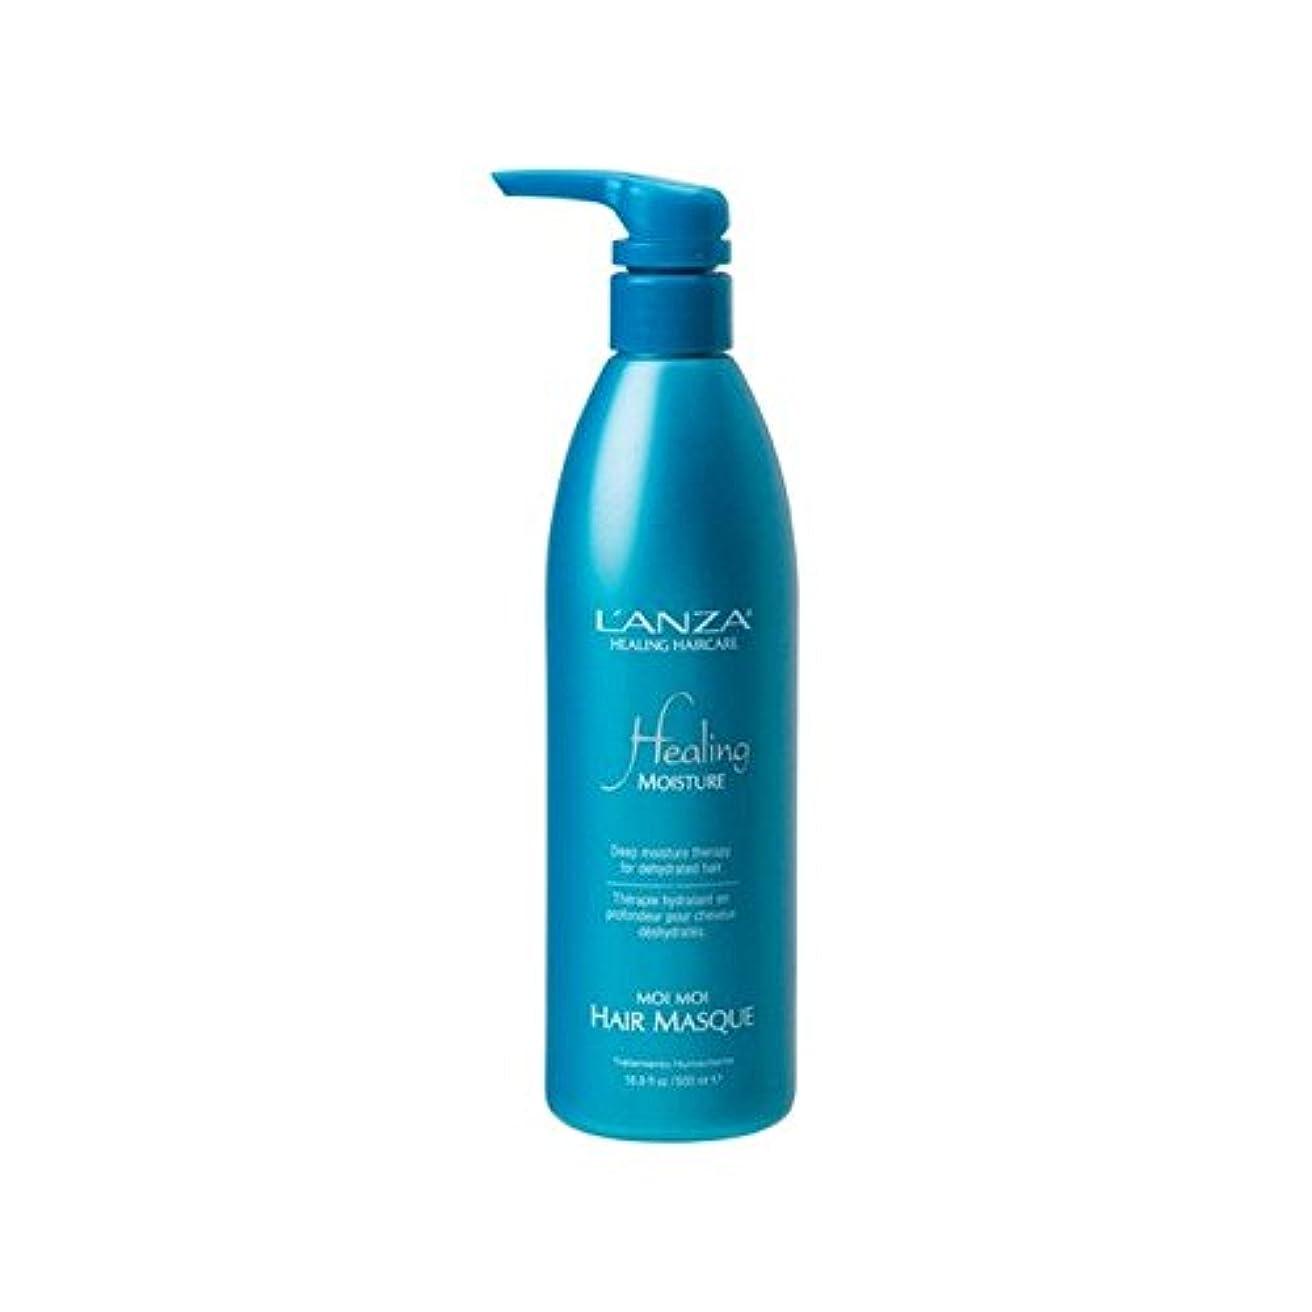 八百屋さん祝福する慣性アンザ癒しの水分モイモイヘア仮面劇(500ミリリットル) x2 - L'Anza Healing Moisture Moi Moi Hair Masque (500ml) (Pack of 2) [並行輸入品]